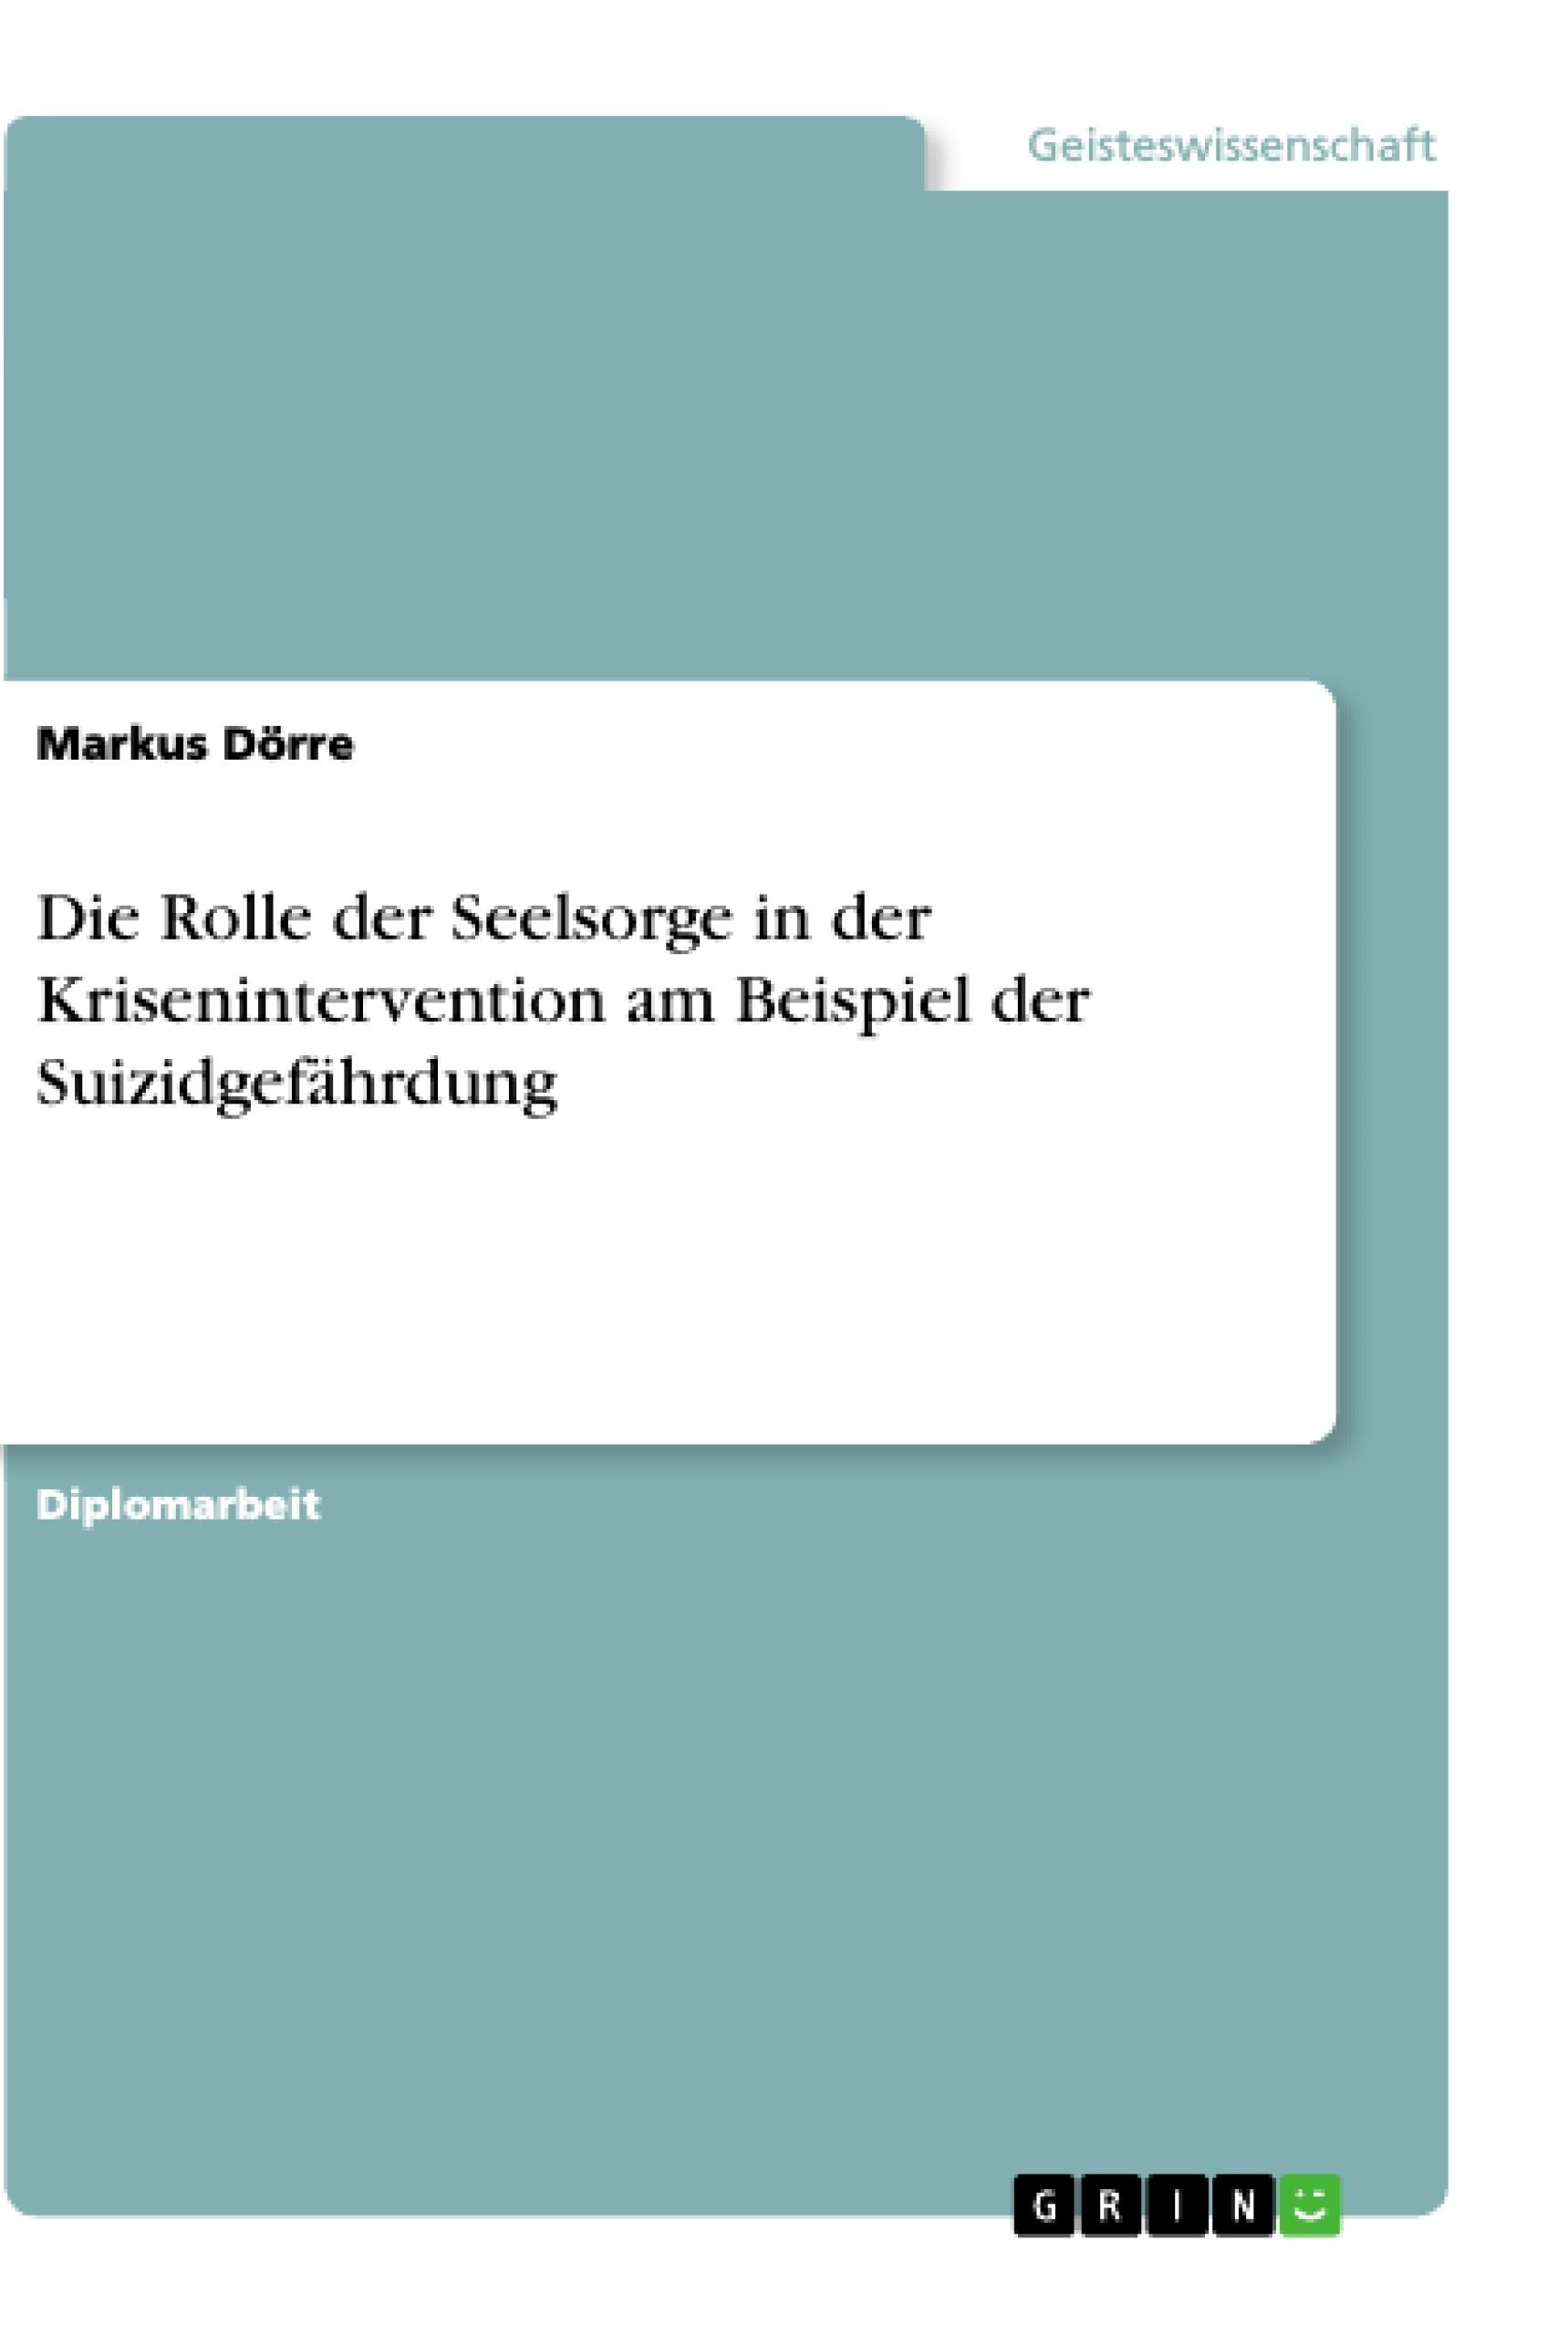 Titel: Die Rolle der Seelsorge in der Krisenintervention am Beispiel der Suizidgefährdung